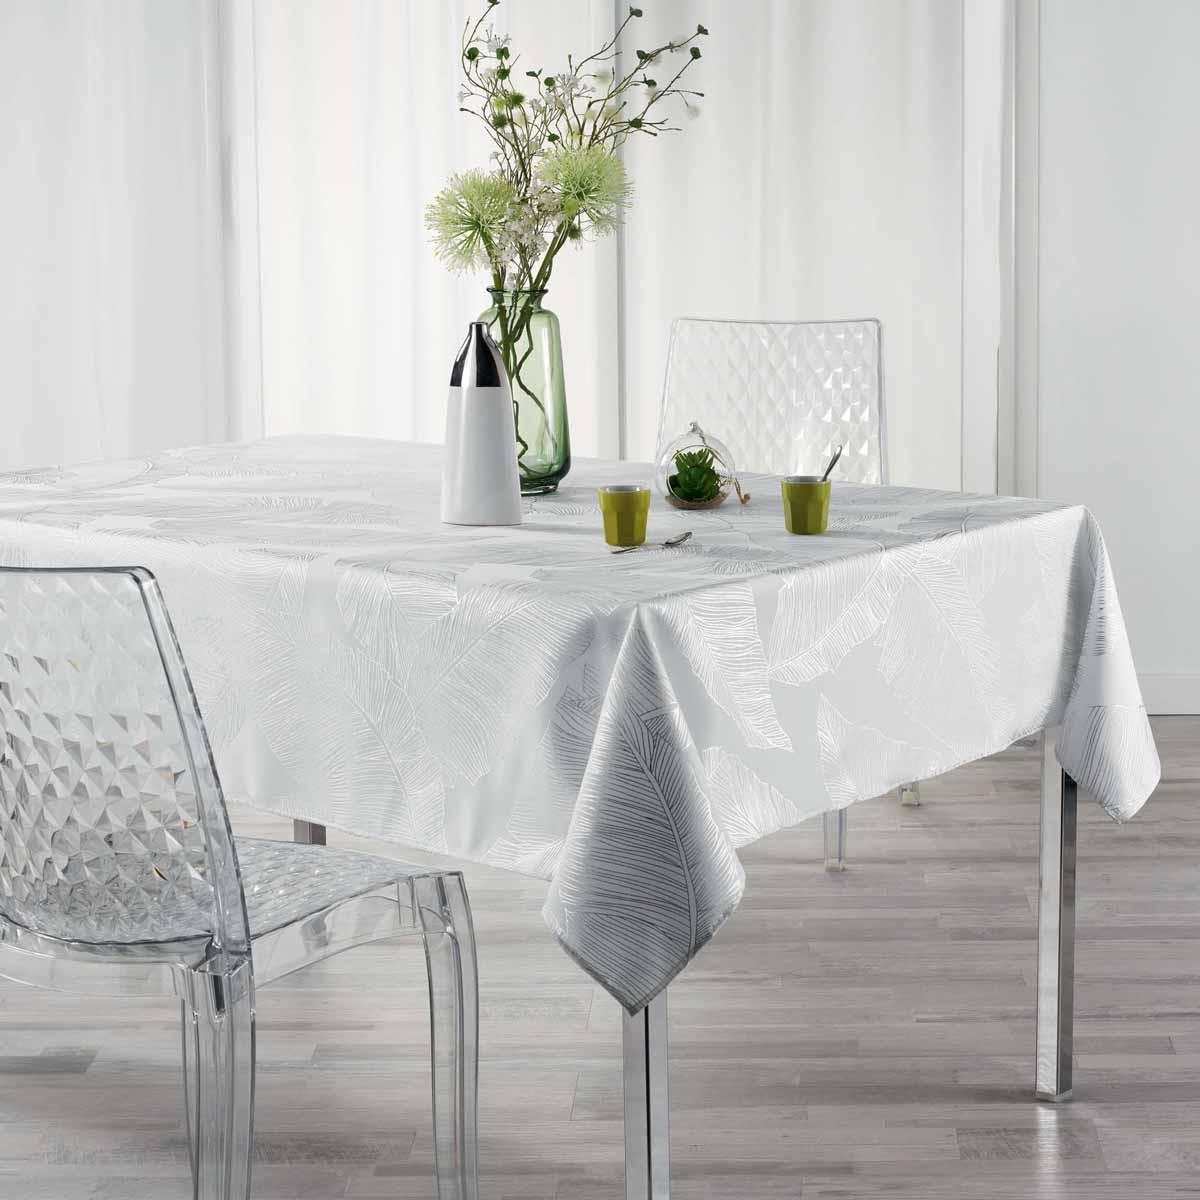 Αλέκιαστο Τραπεζομάντηλο (150×300) L-C Veggy Blanc 1722596